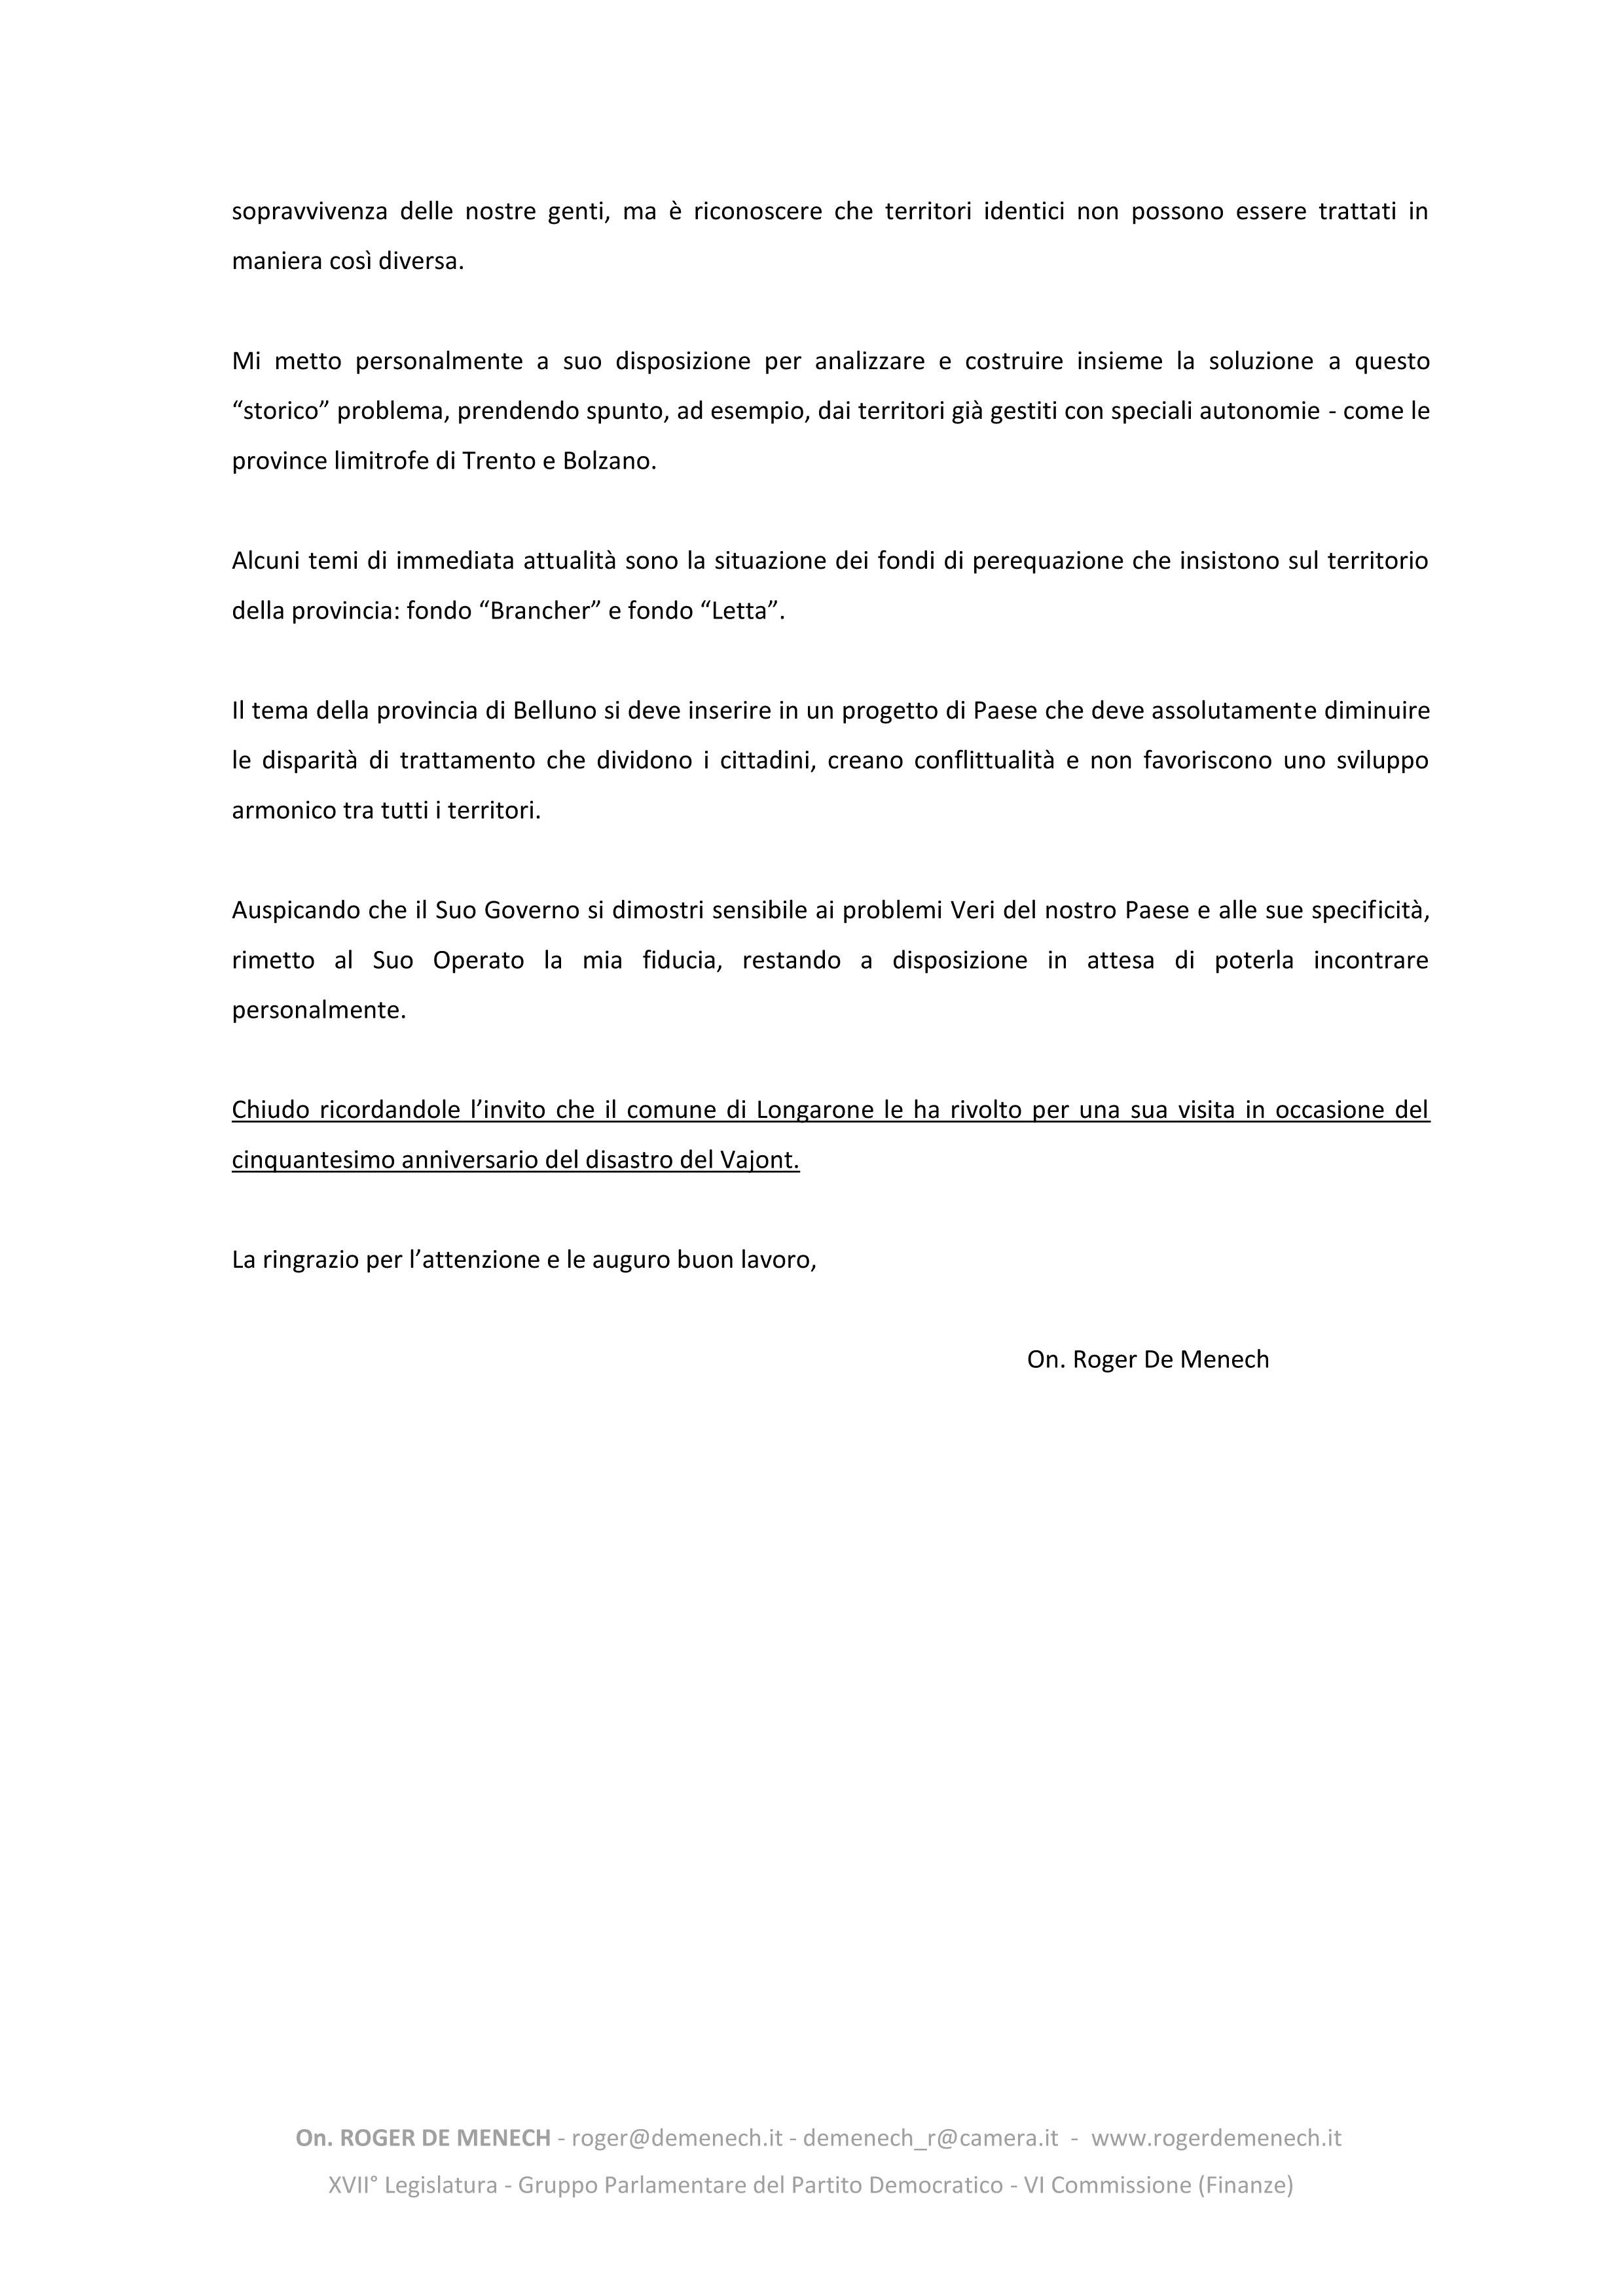 Lettera-al-Premier-Letta---Richiesta-incontro-On-2